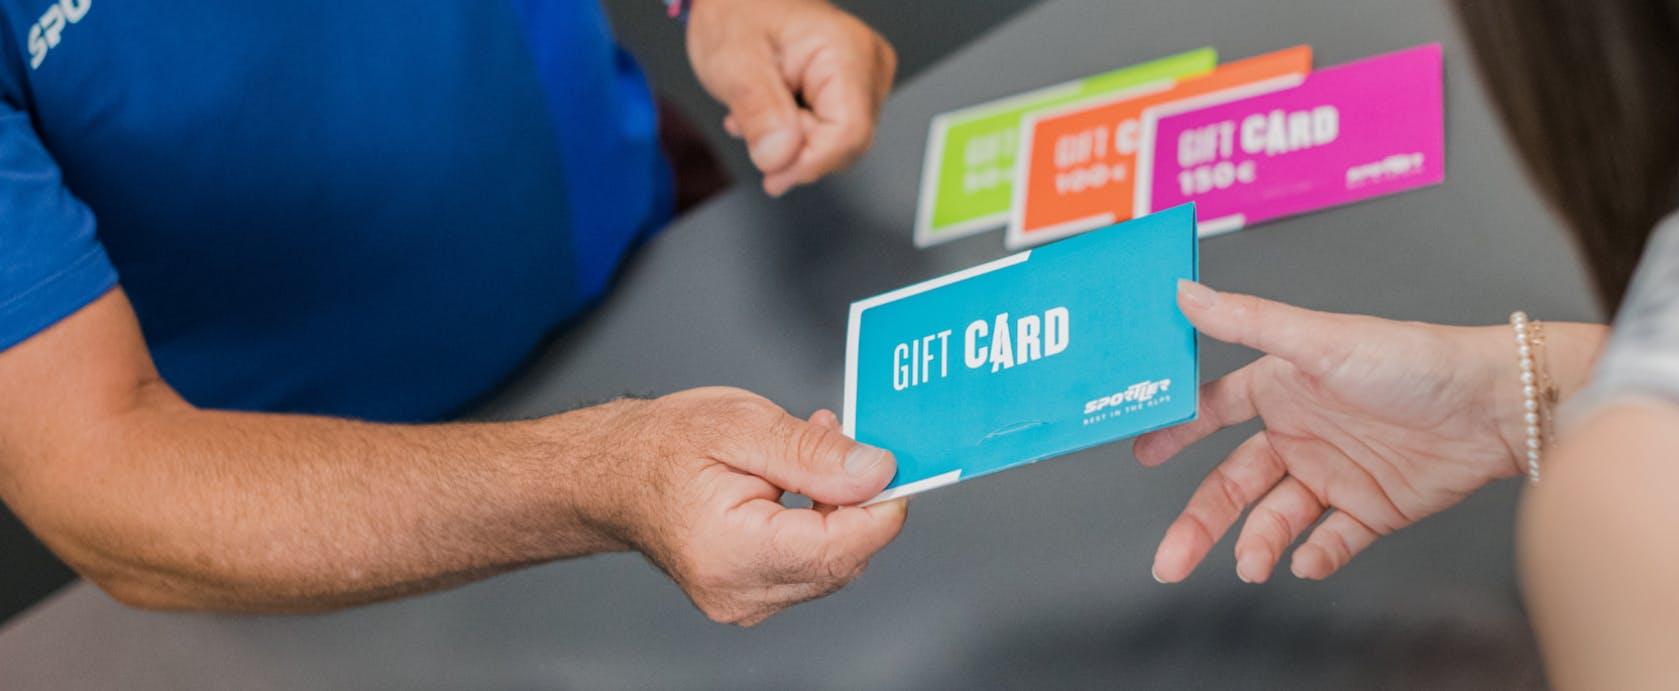 Sportler gift card regalo